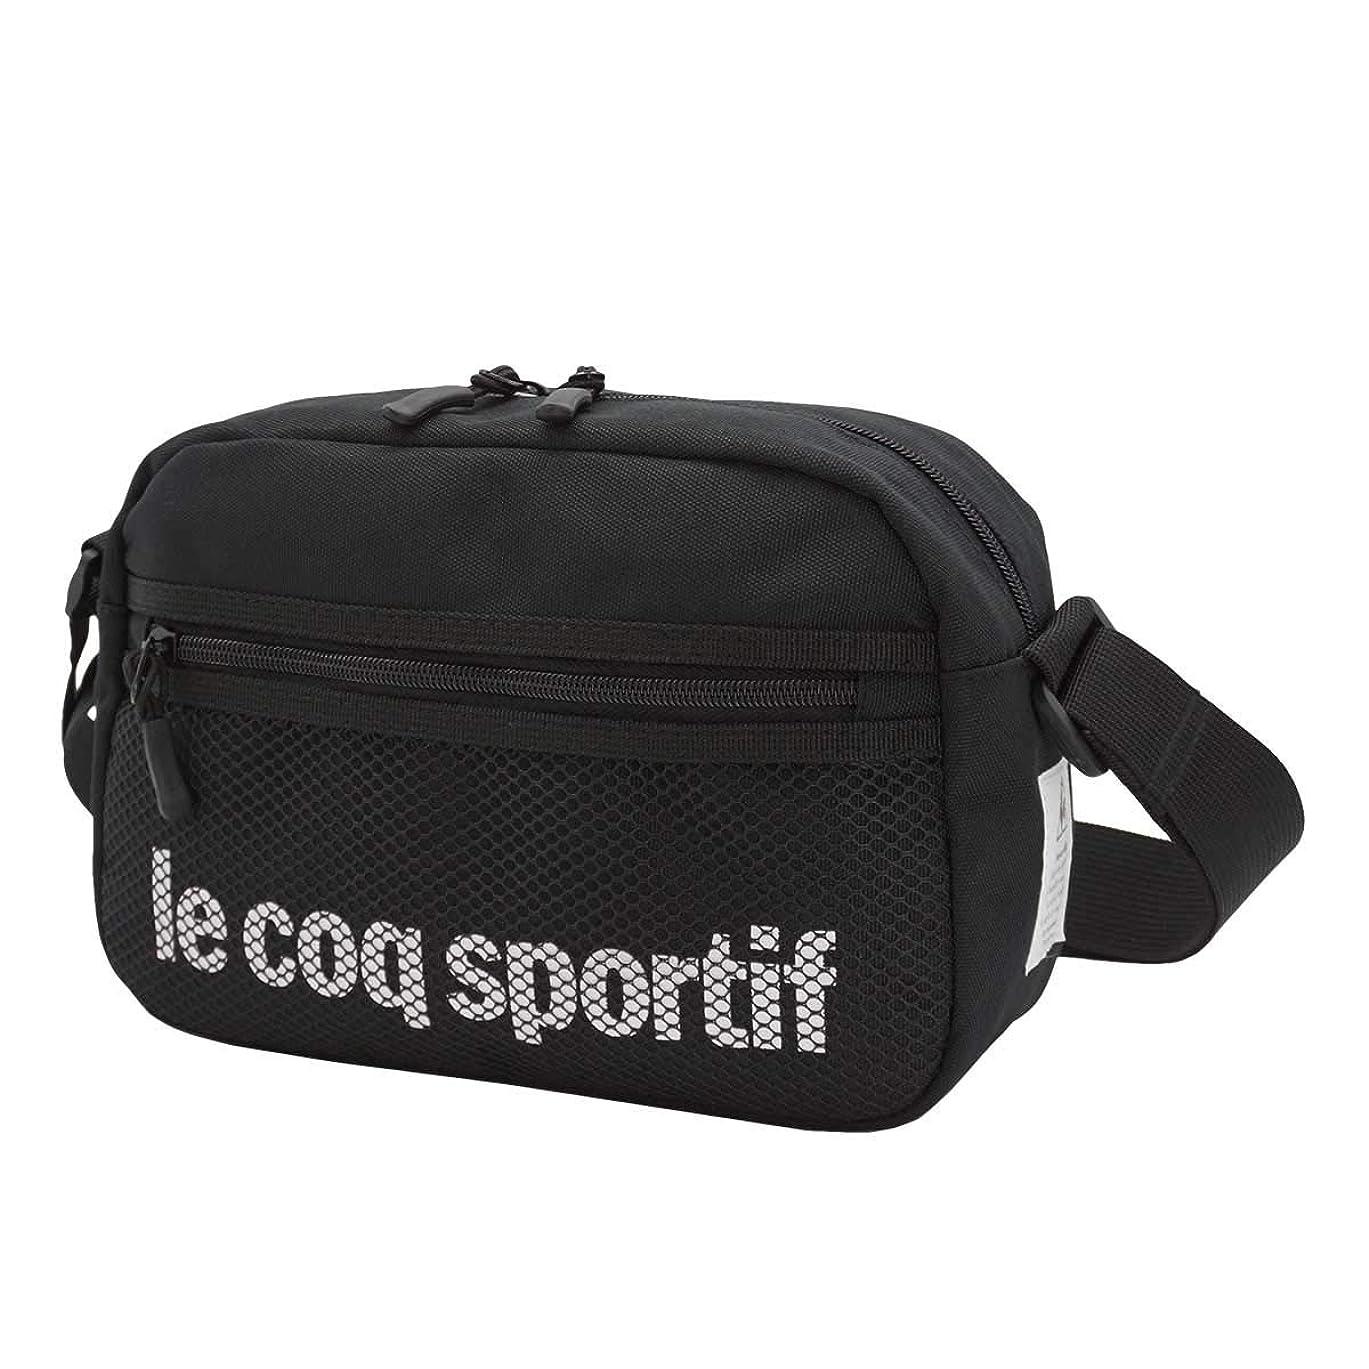 のみする必要がある幸運な[ルコック スポルティフ] le coq sportif ショルダーバッグ ショルダー メッシュ メンズ レディース ヨコ型 036725